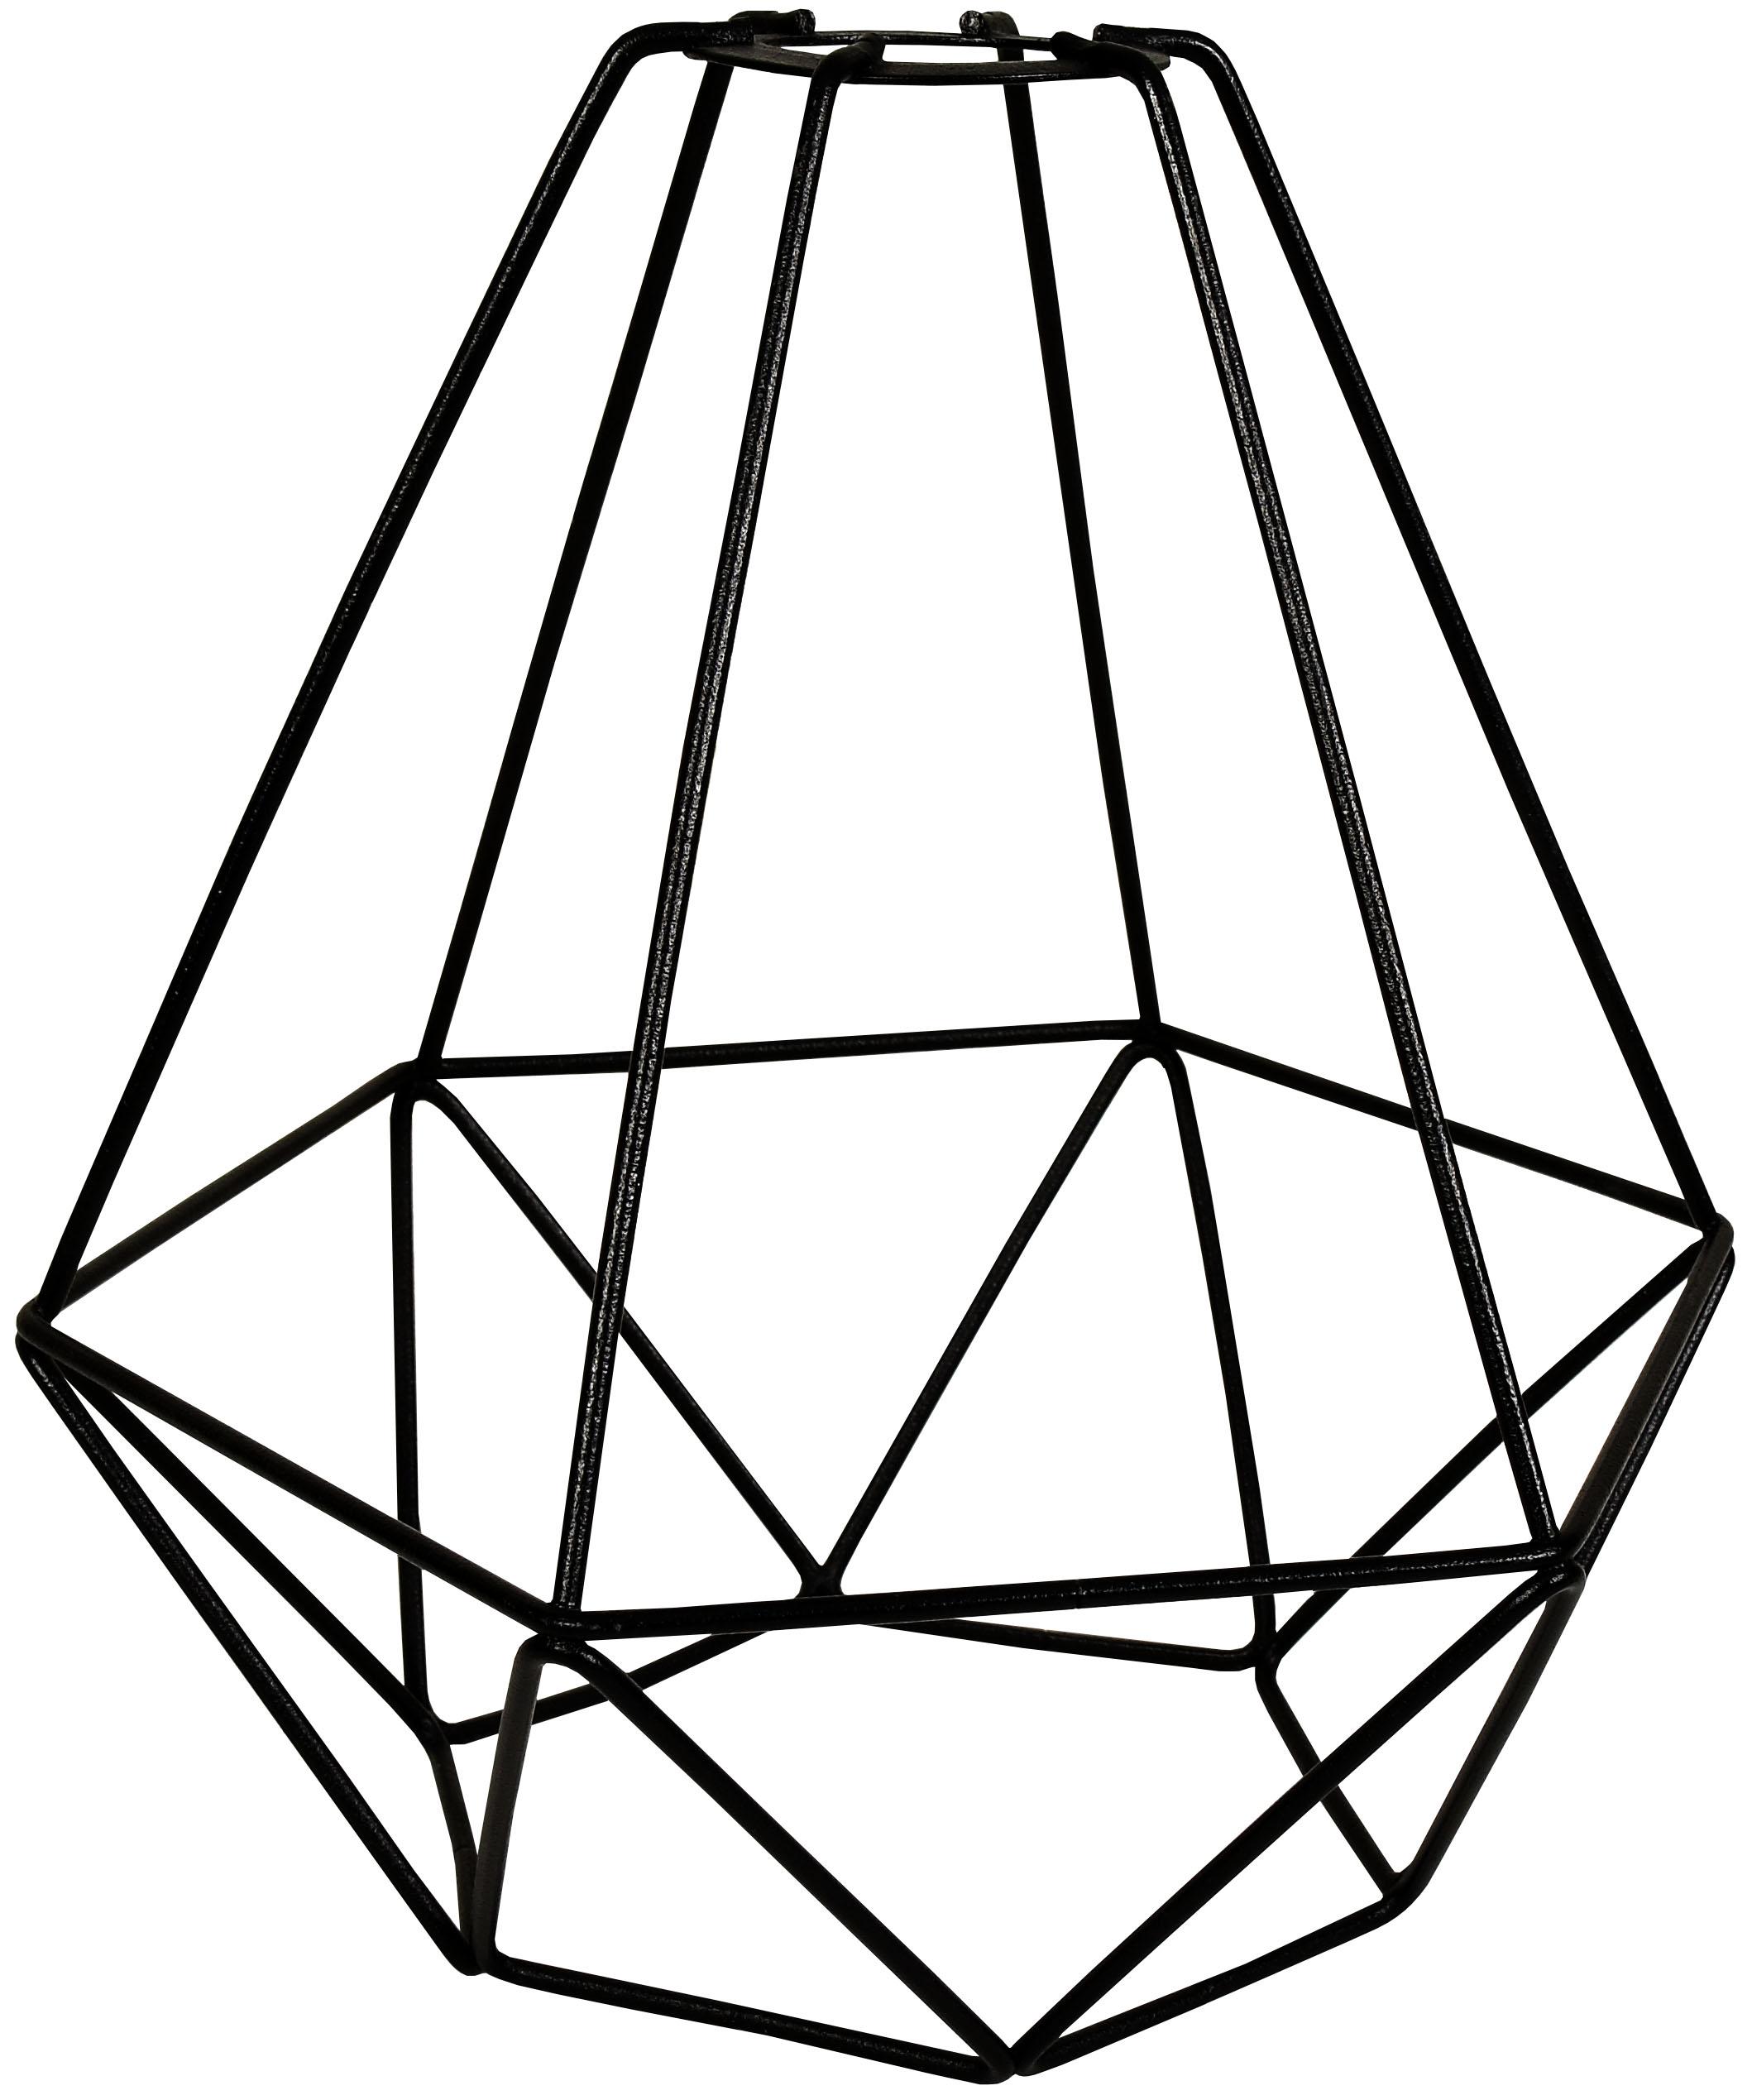 АБАЖУР ИЗ ПРОВОЛОКИ металлический loft E27 Черный